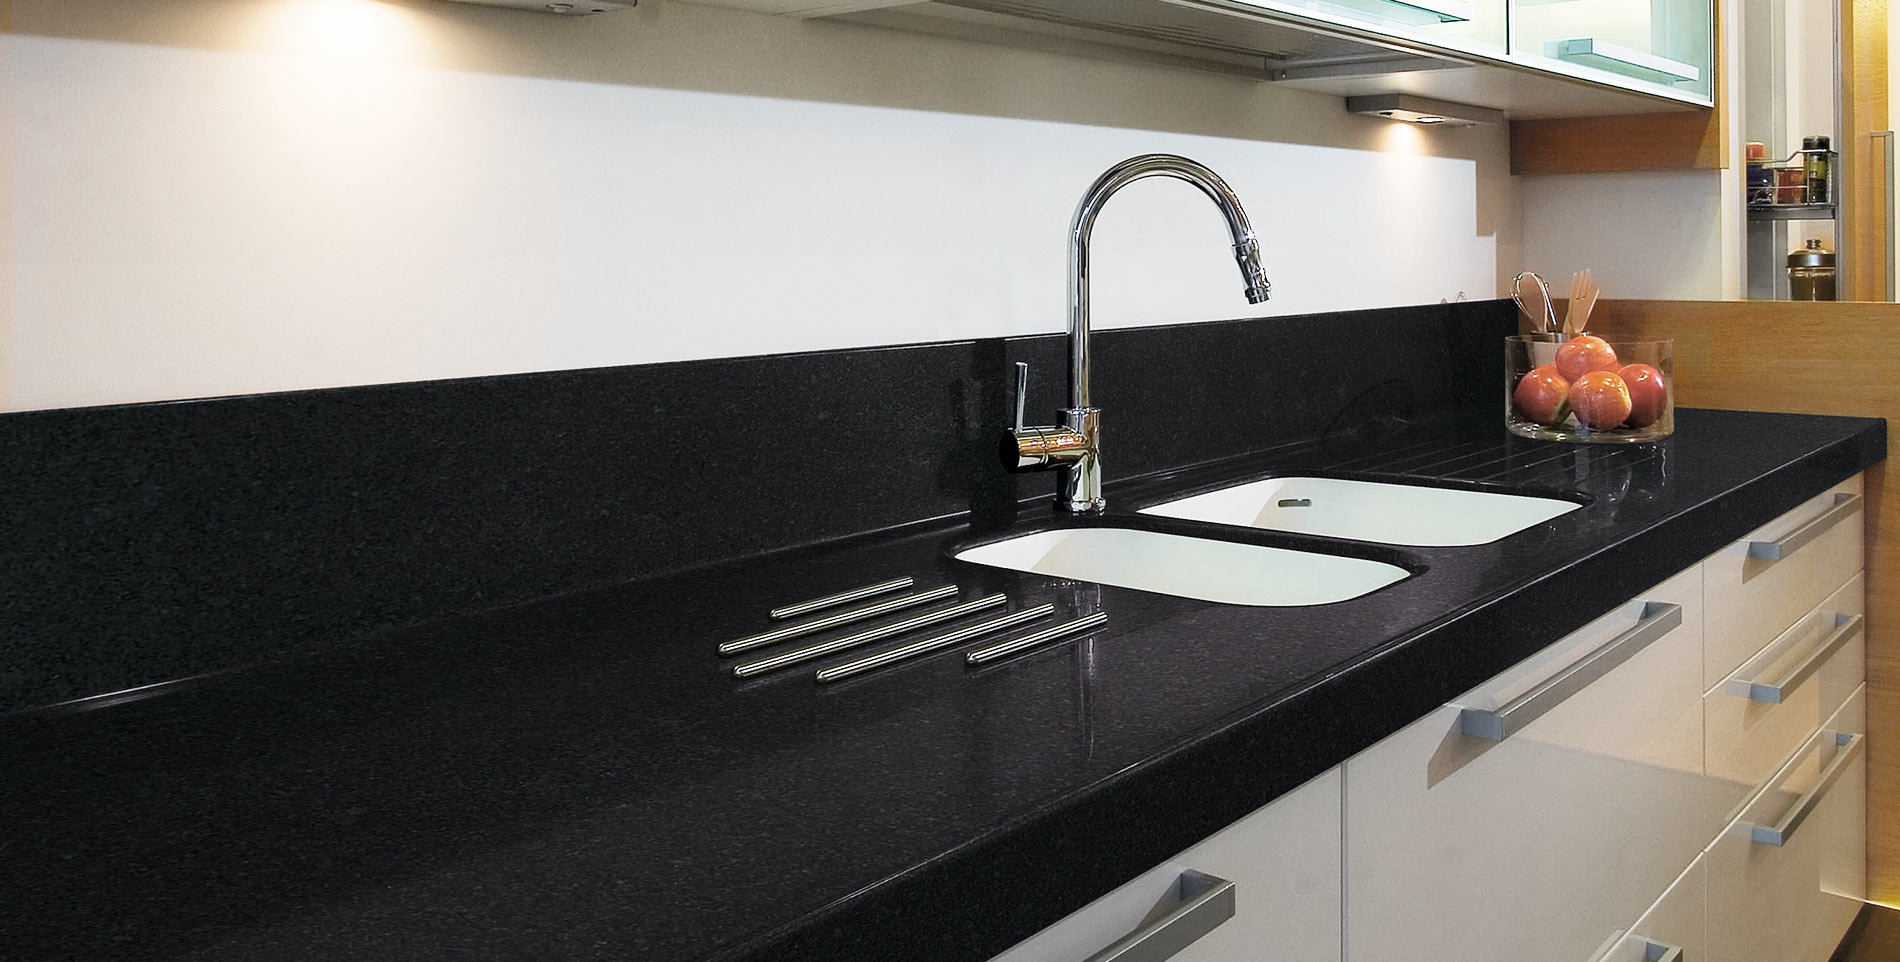 Levantina encimera de cocina negra Cocina blanca encimera granito negra